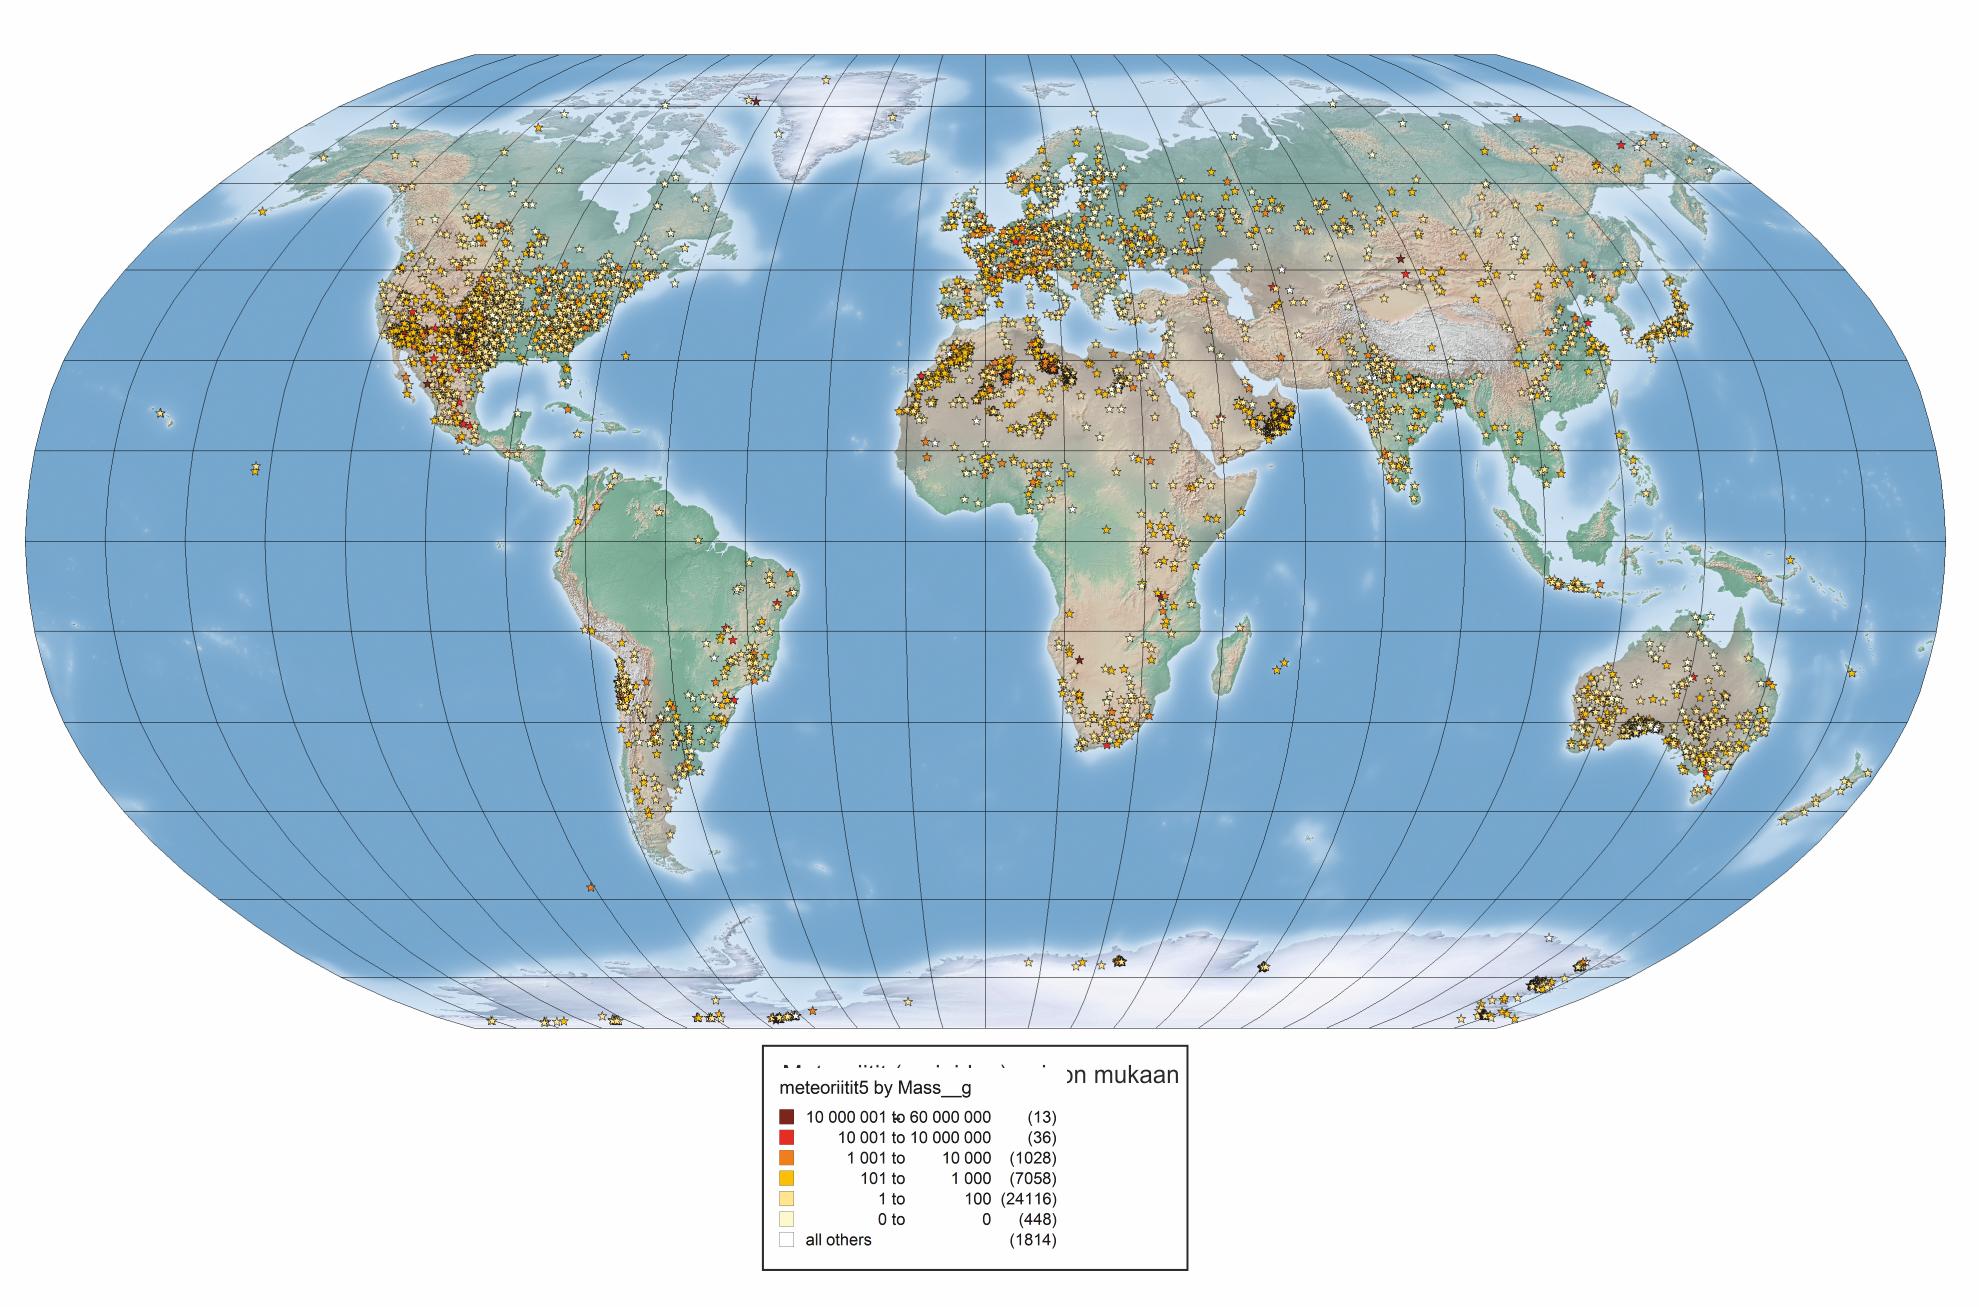 Maailman meteoriittikraaterit